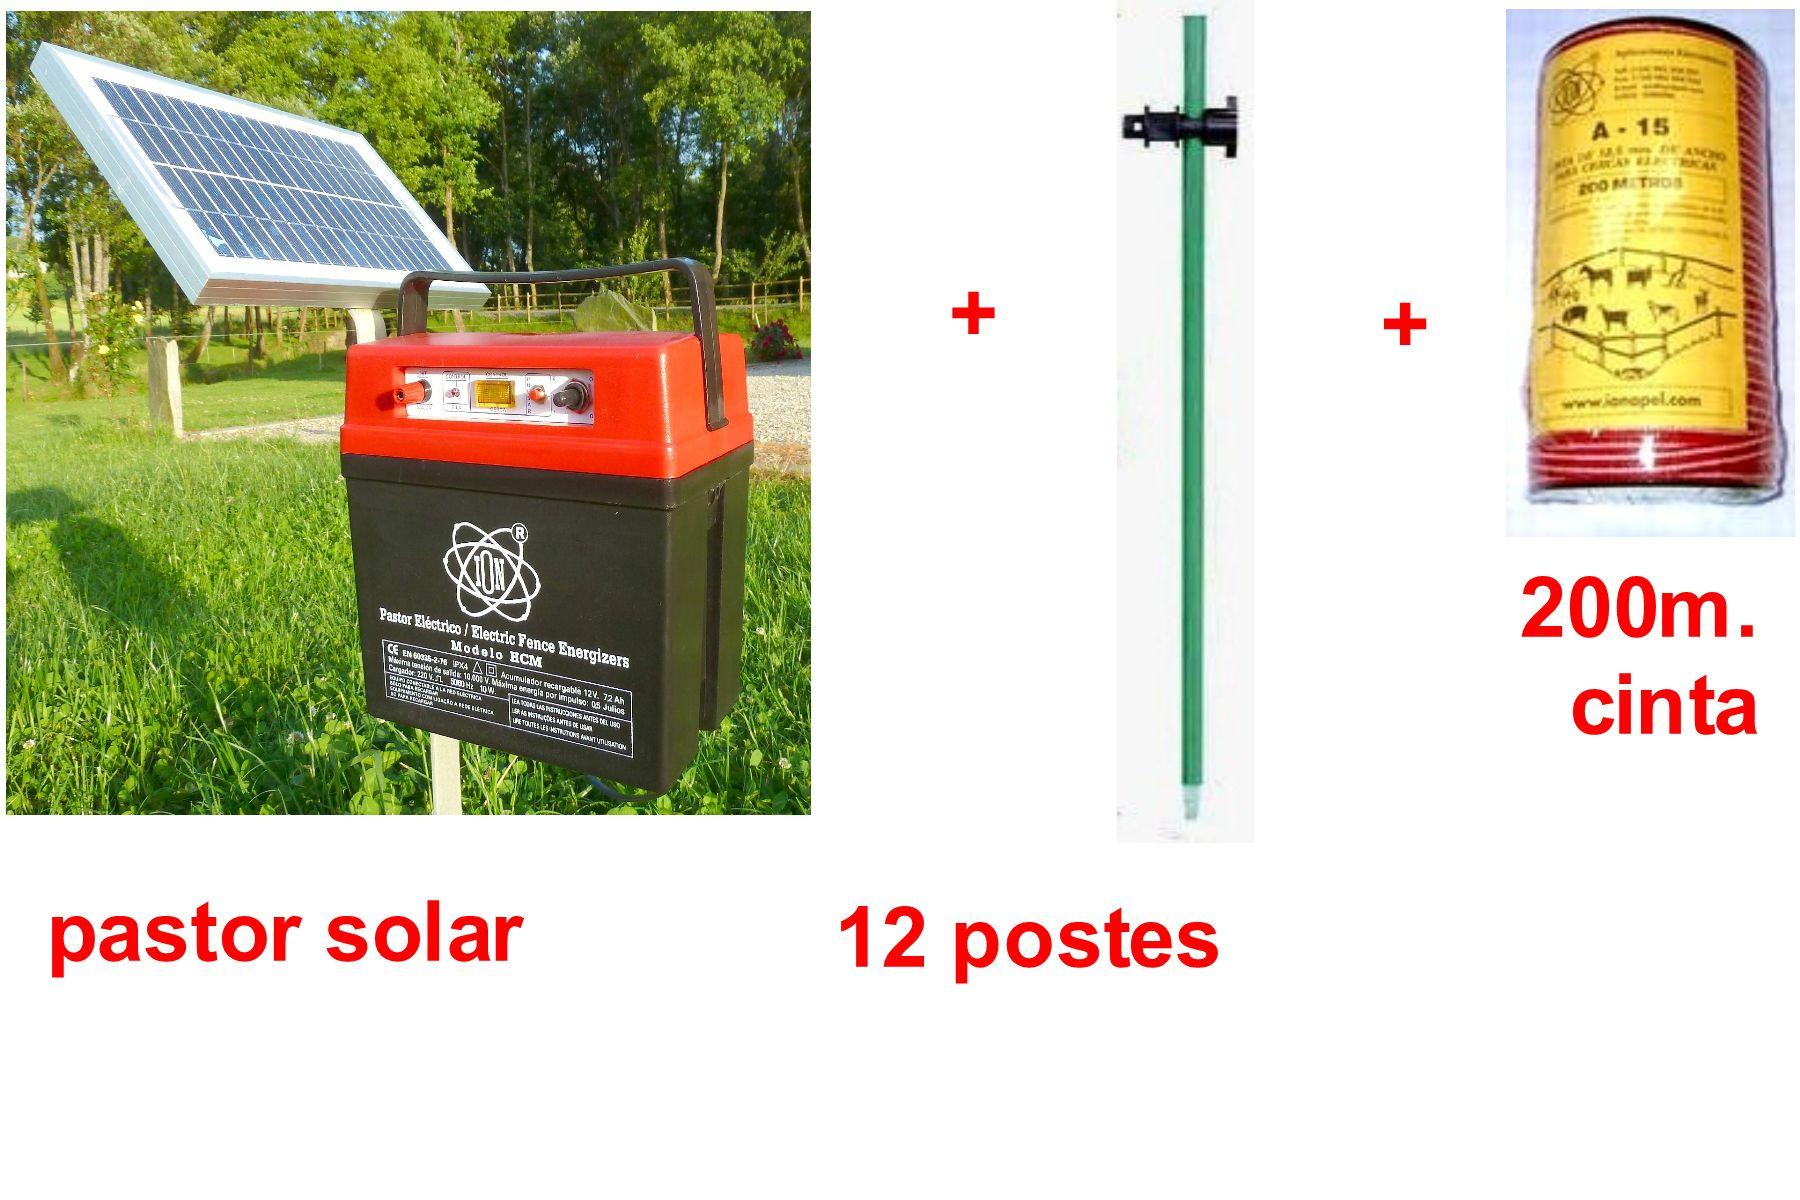 Kit pastor electrico solar